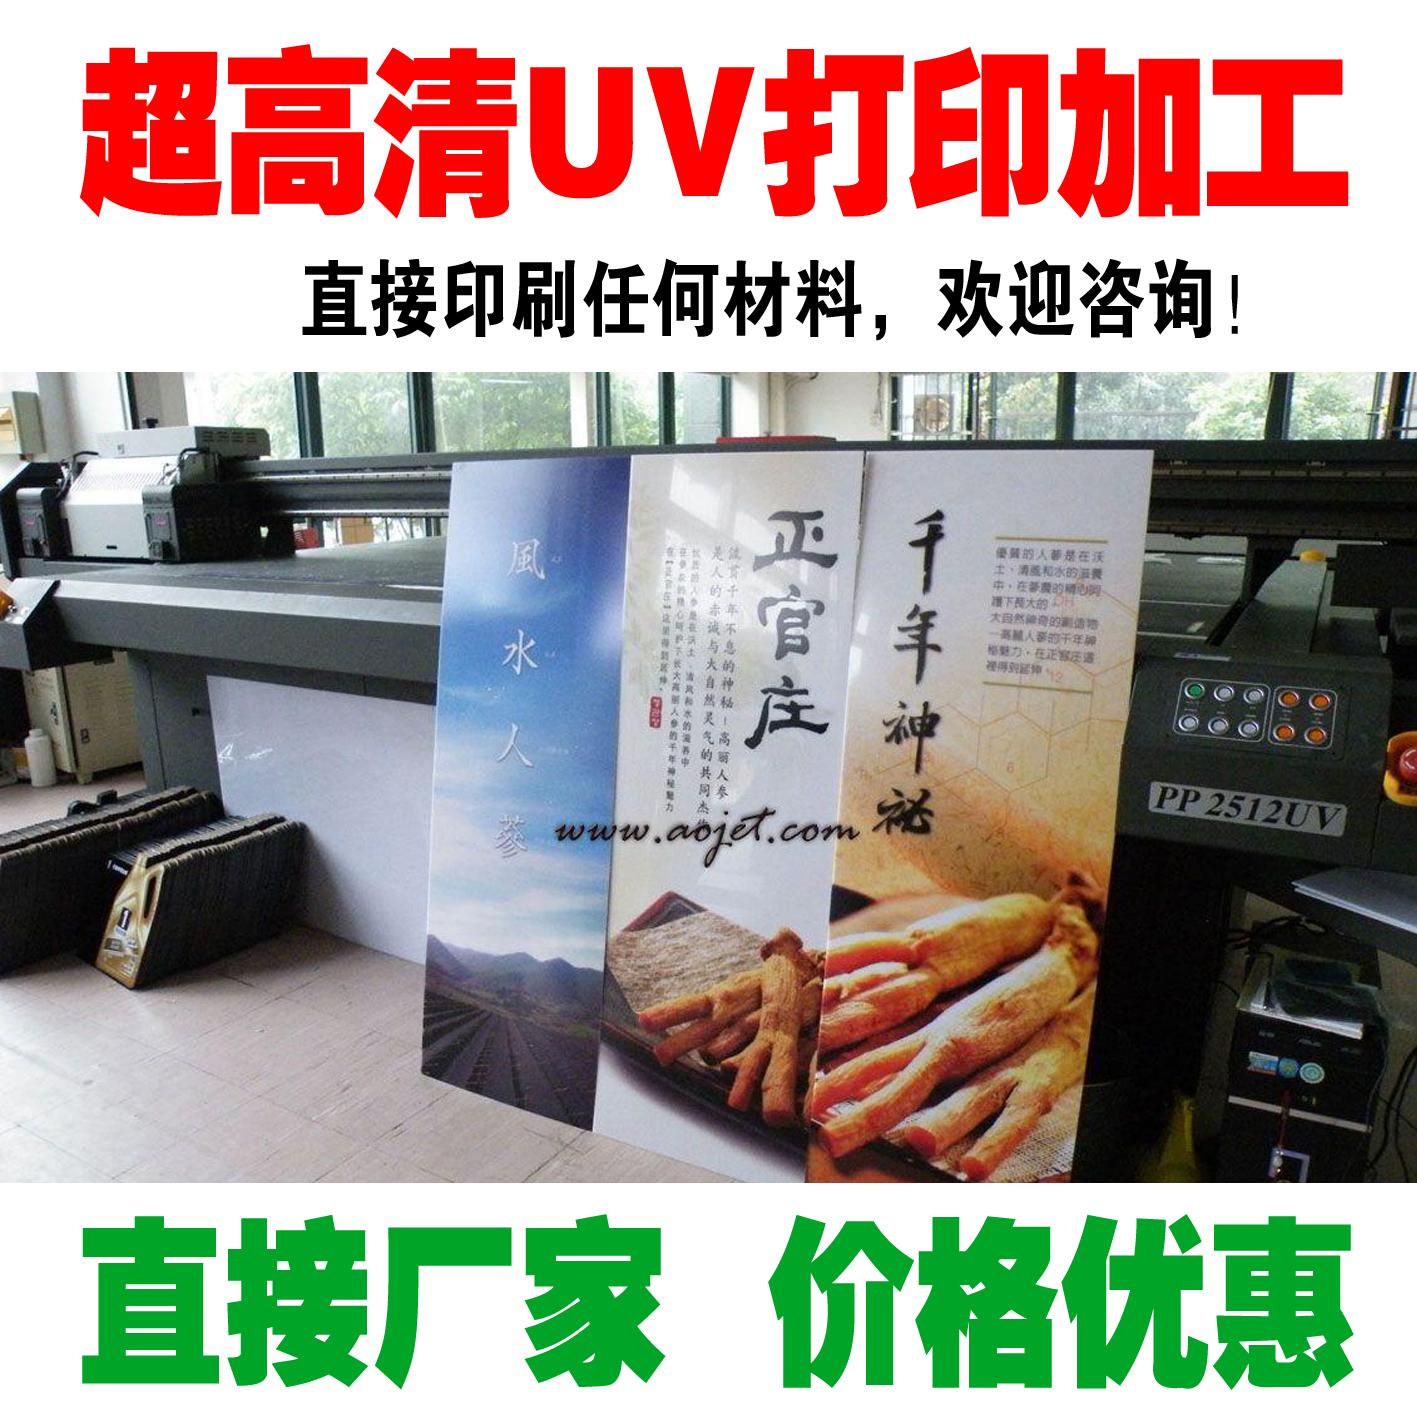 แผ่นอะคริลิ UV UV พิมพ์พิมพ์พิมพ์อิงค์เจ็ทยูวี UV PVC ประมวลผลการพิมพ์สกรีนแผ่นอะคริลิก